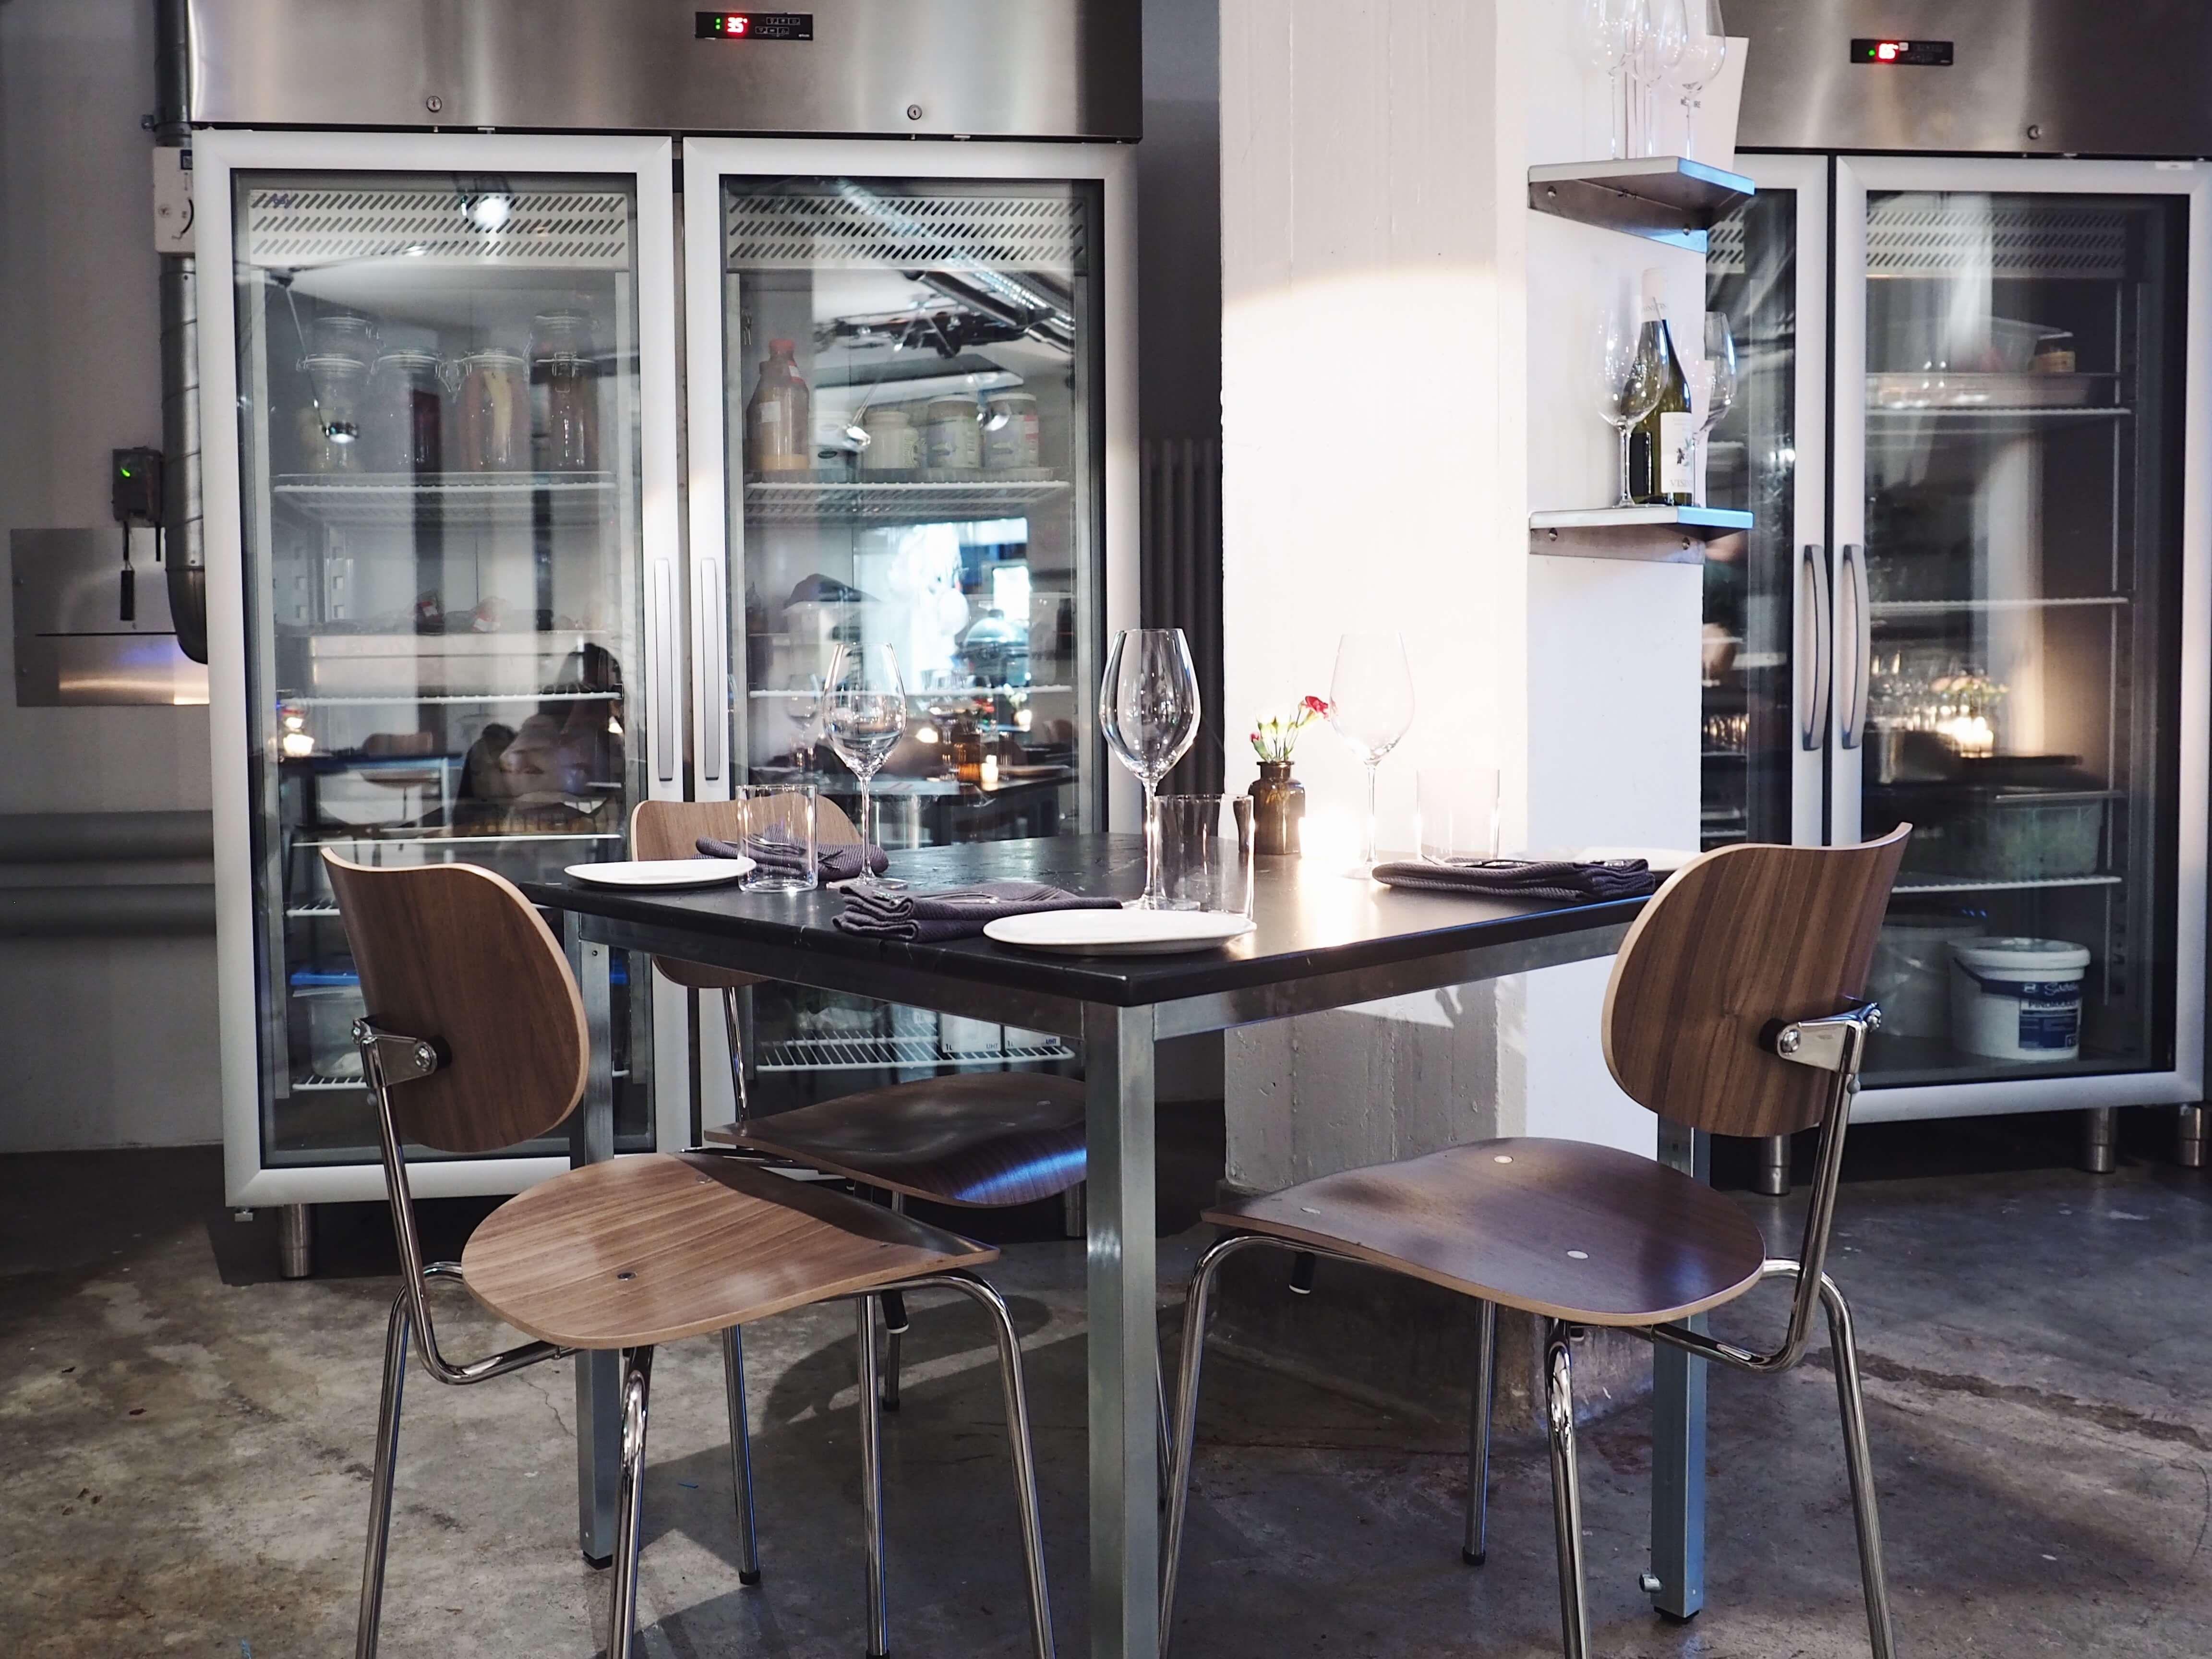 Beste Großküchen Ausrüster Nz Fotos - Ideen Für Die Küche Dekoration ...